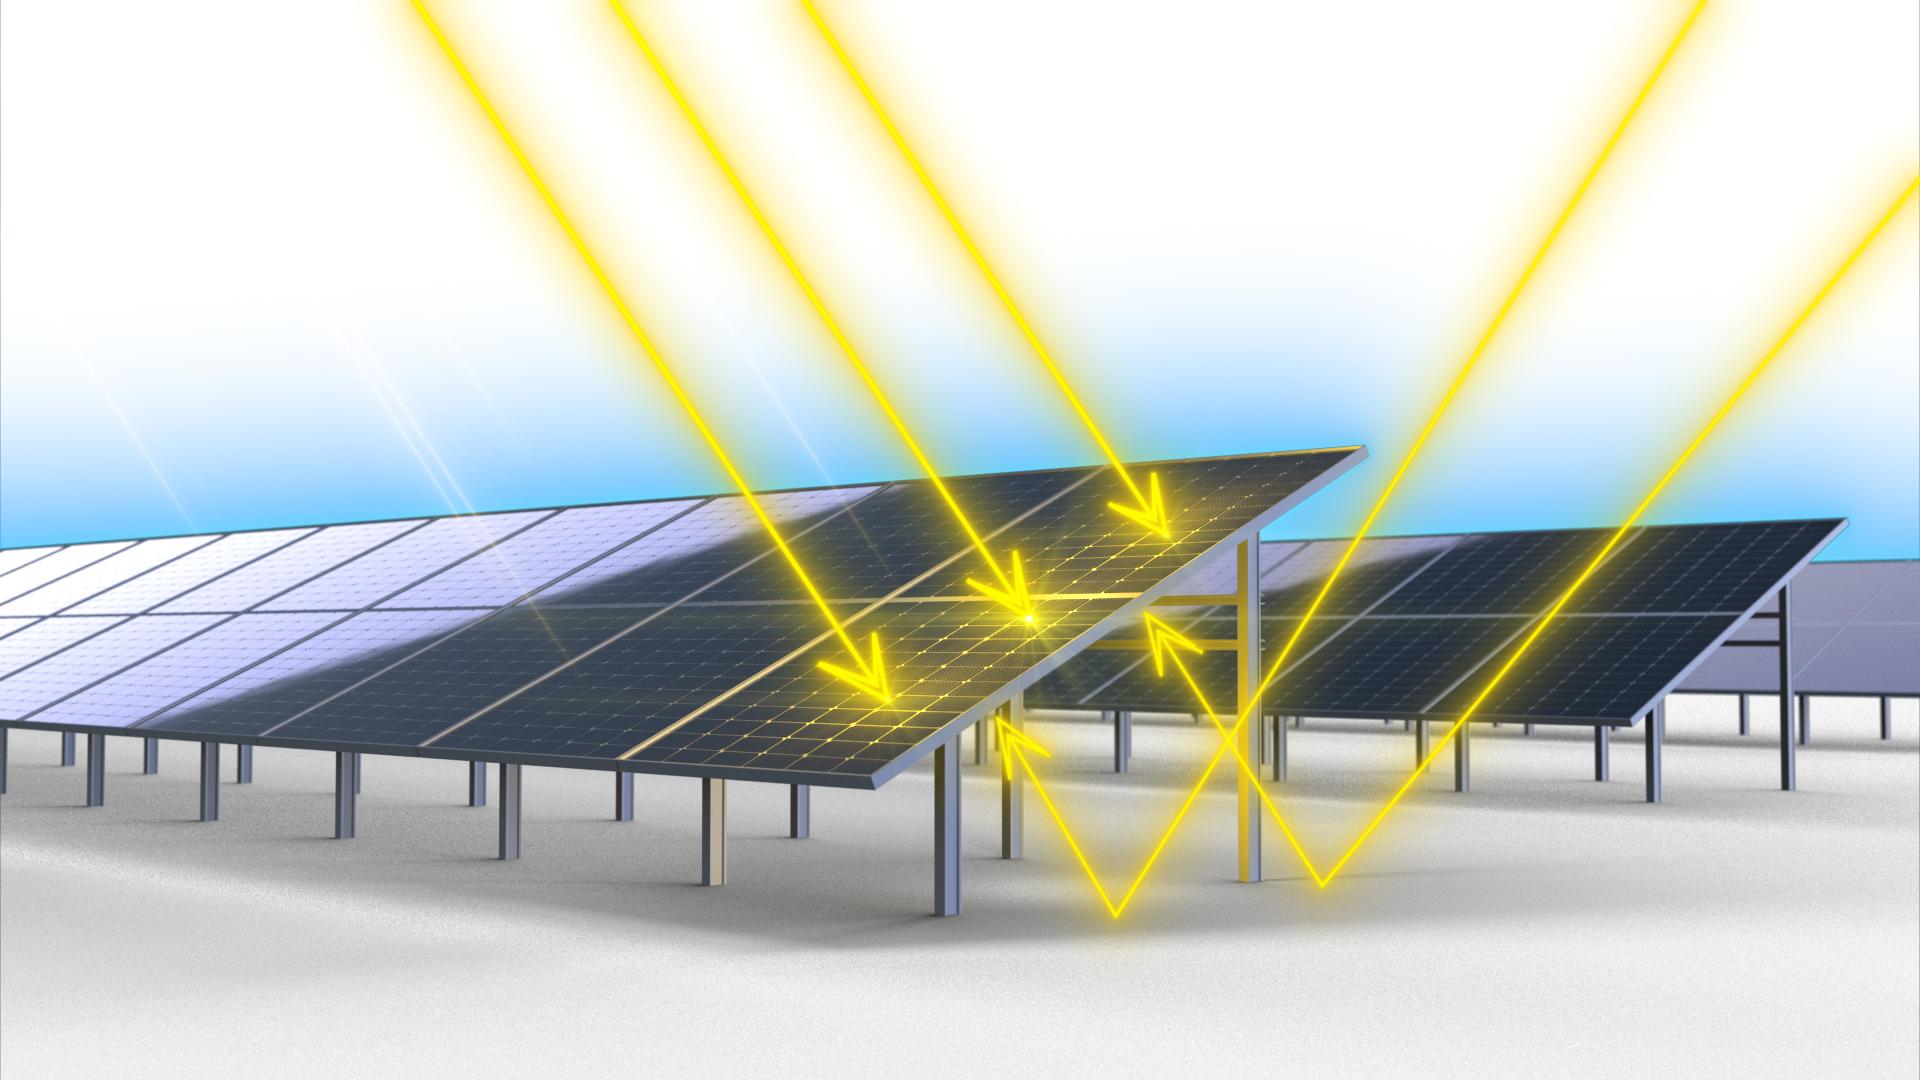 JA Solar Deep Blue 3.0 535W saules moduliai daugiau energijos